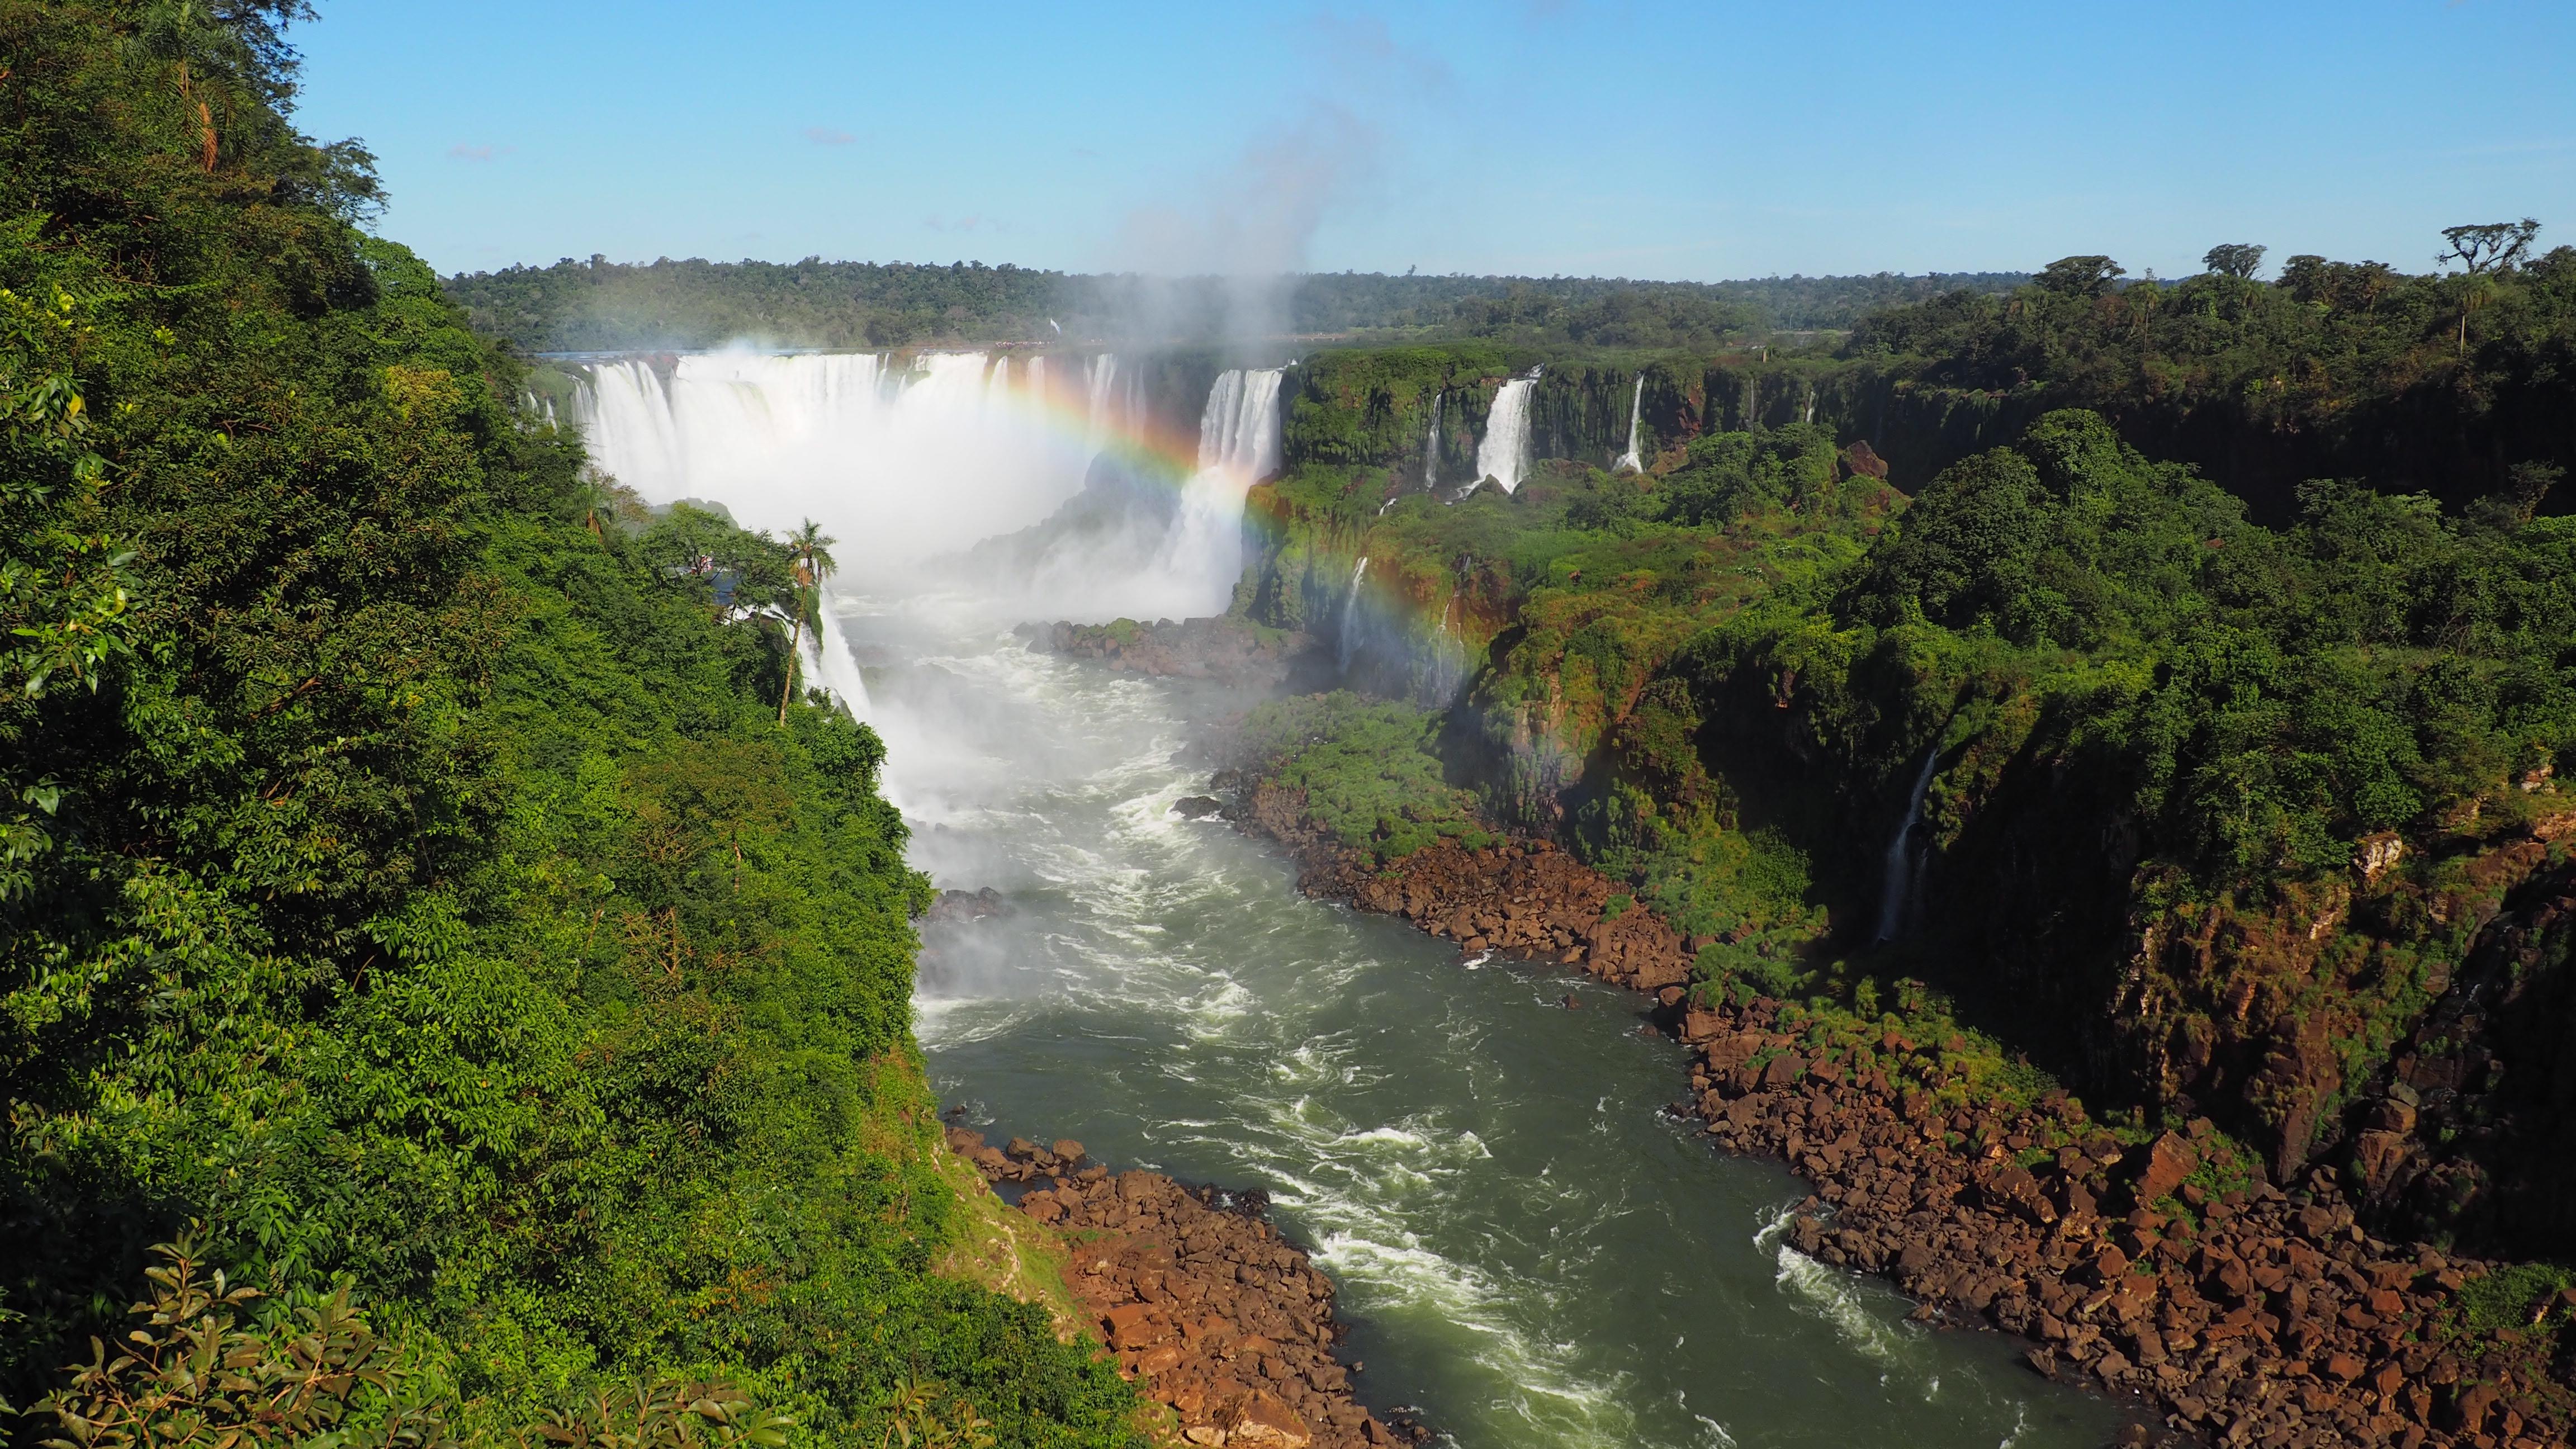 Vista desde el lado brasileño de las Cataratas de Iguazú, una de las cosas que se pueden ver en un viaje a Iguazú